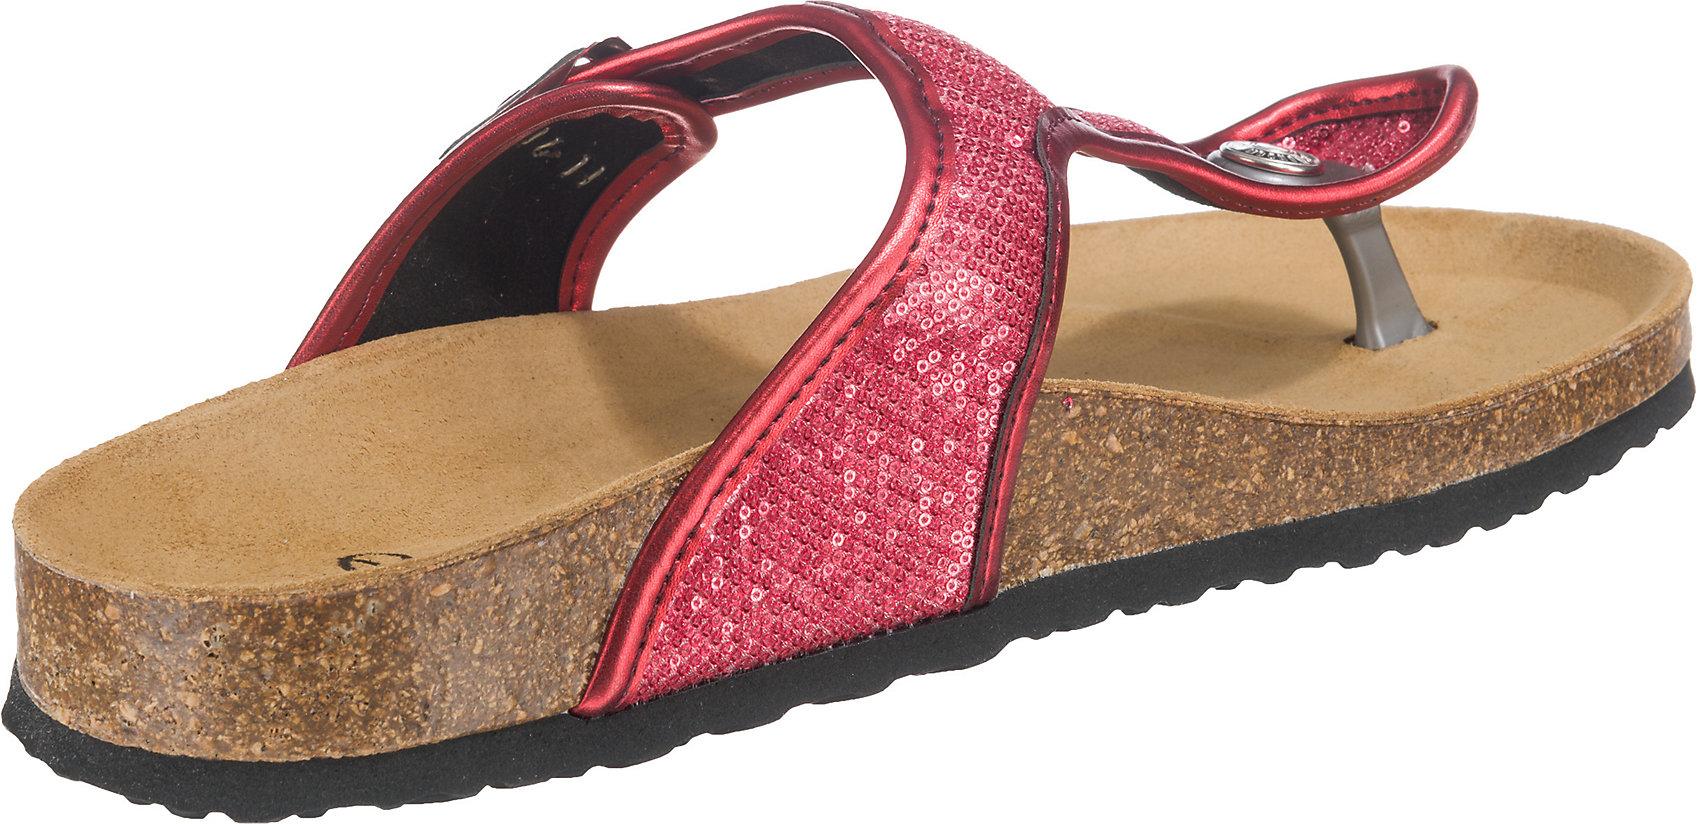 Details zu Neu Pepe Jeans OBAN SEQUINS Pantoletten 7208179 für Damen rot silber